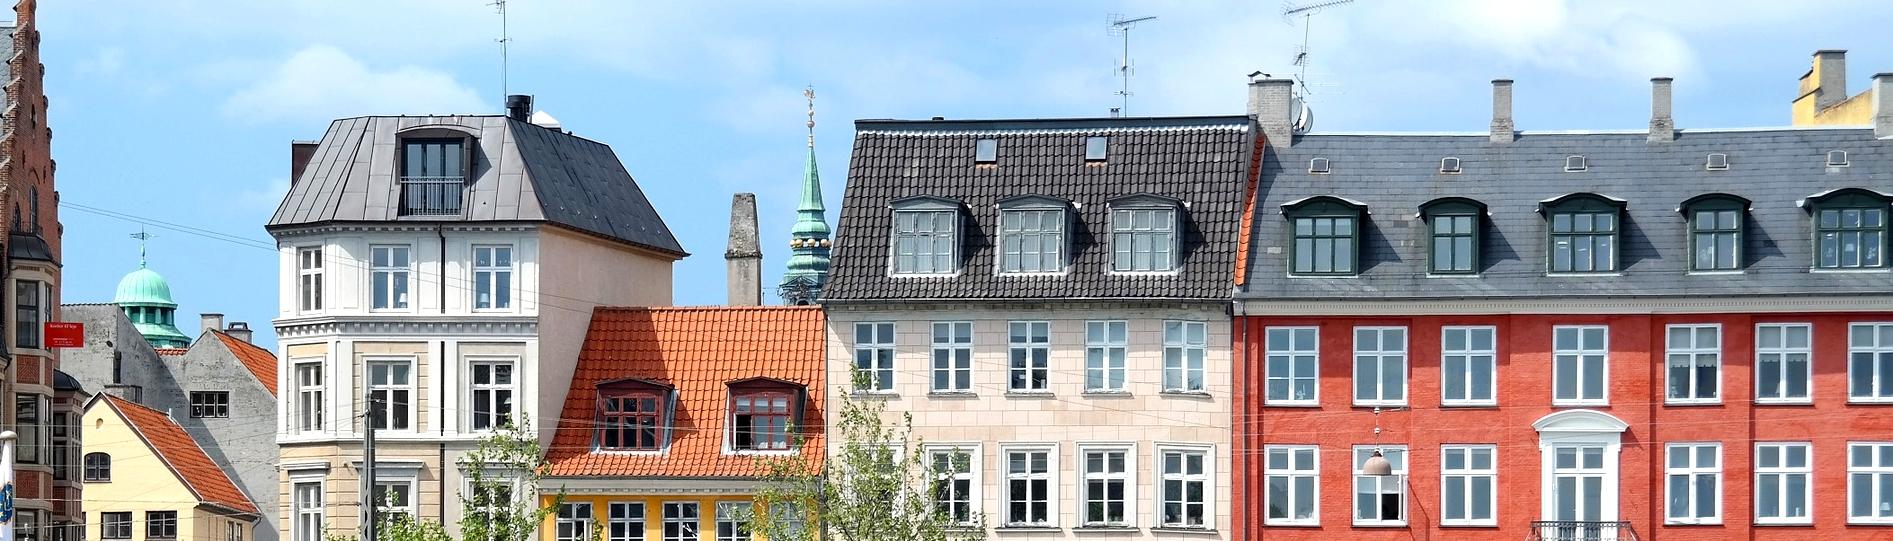 familieoverdragelse-fast-ejendom - Familieoverdragelse.dk